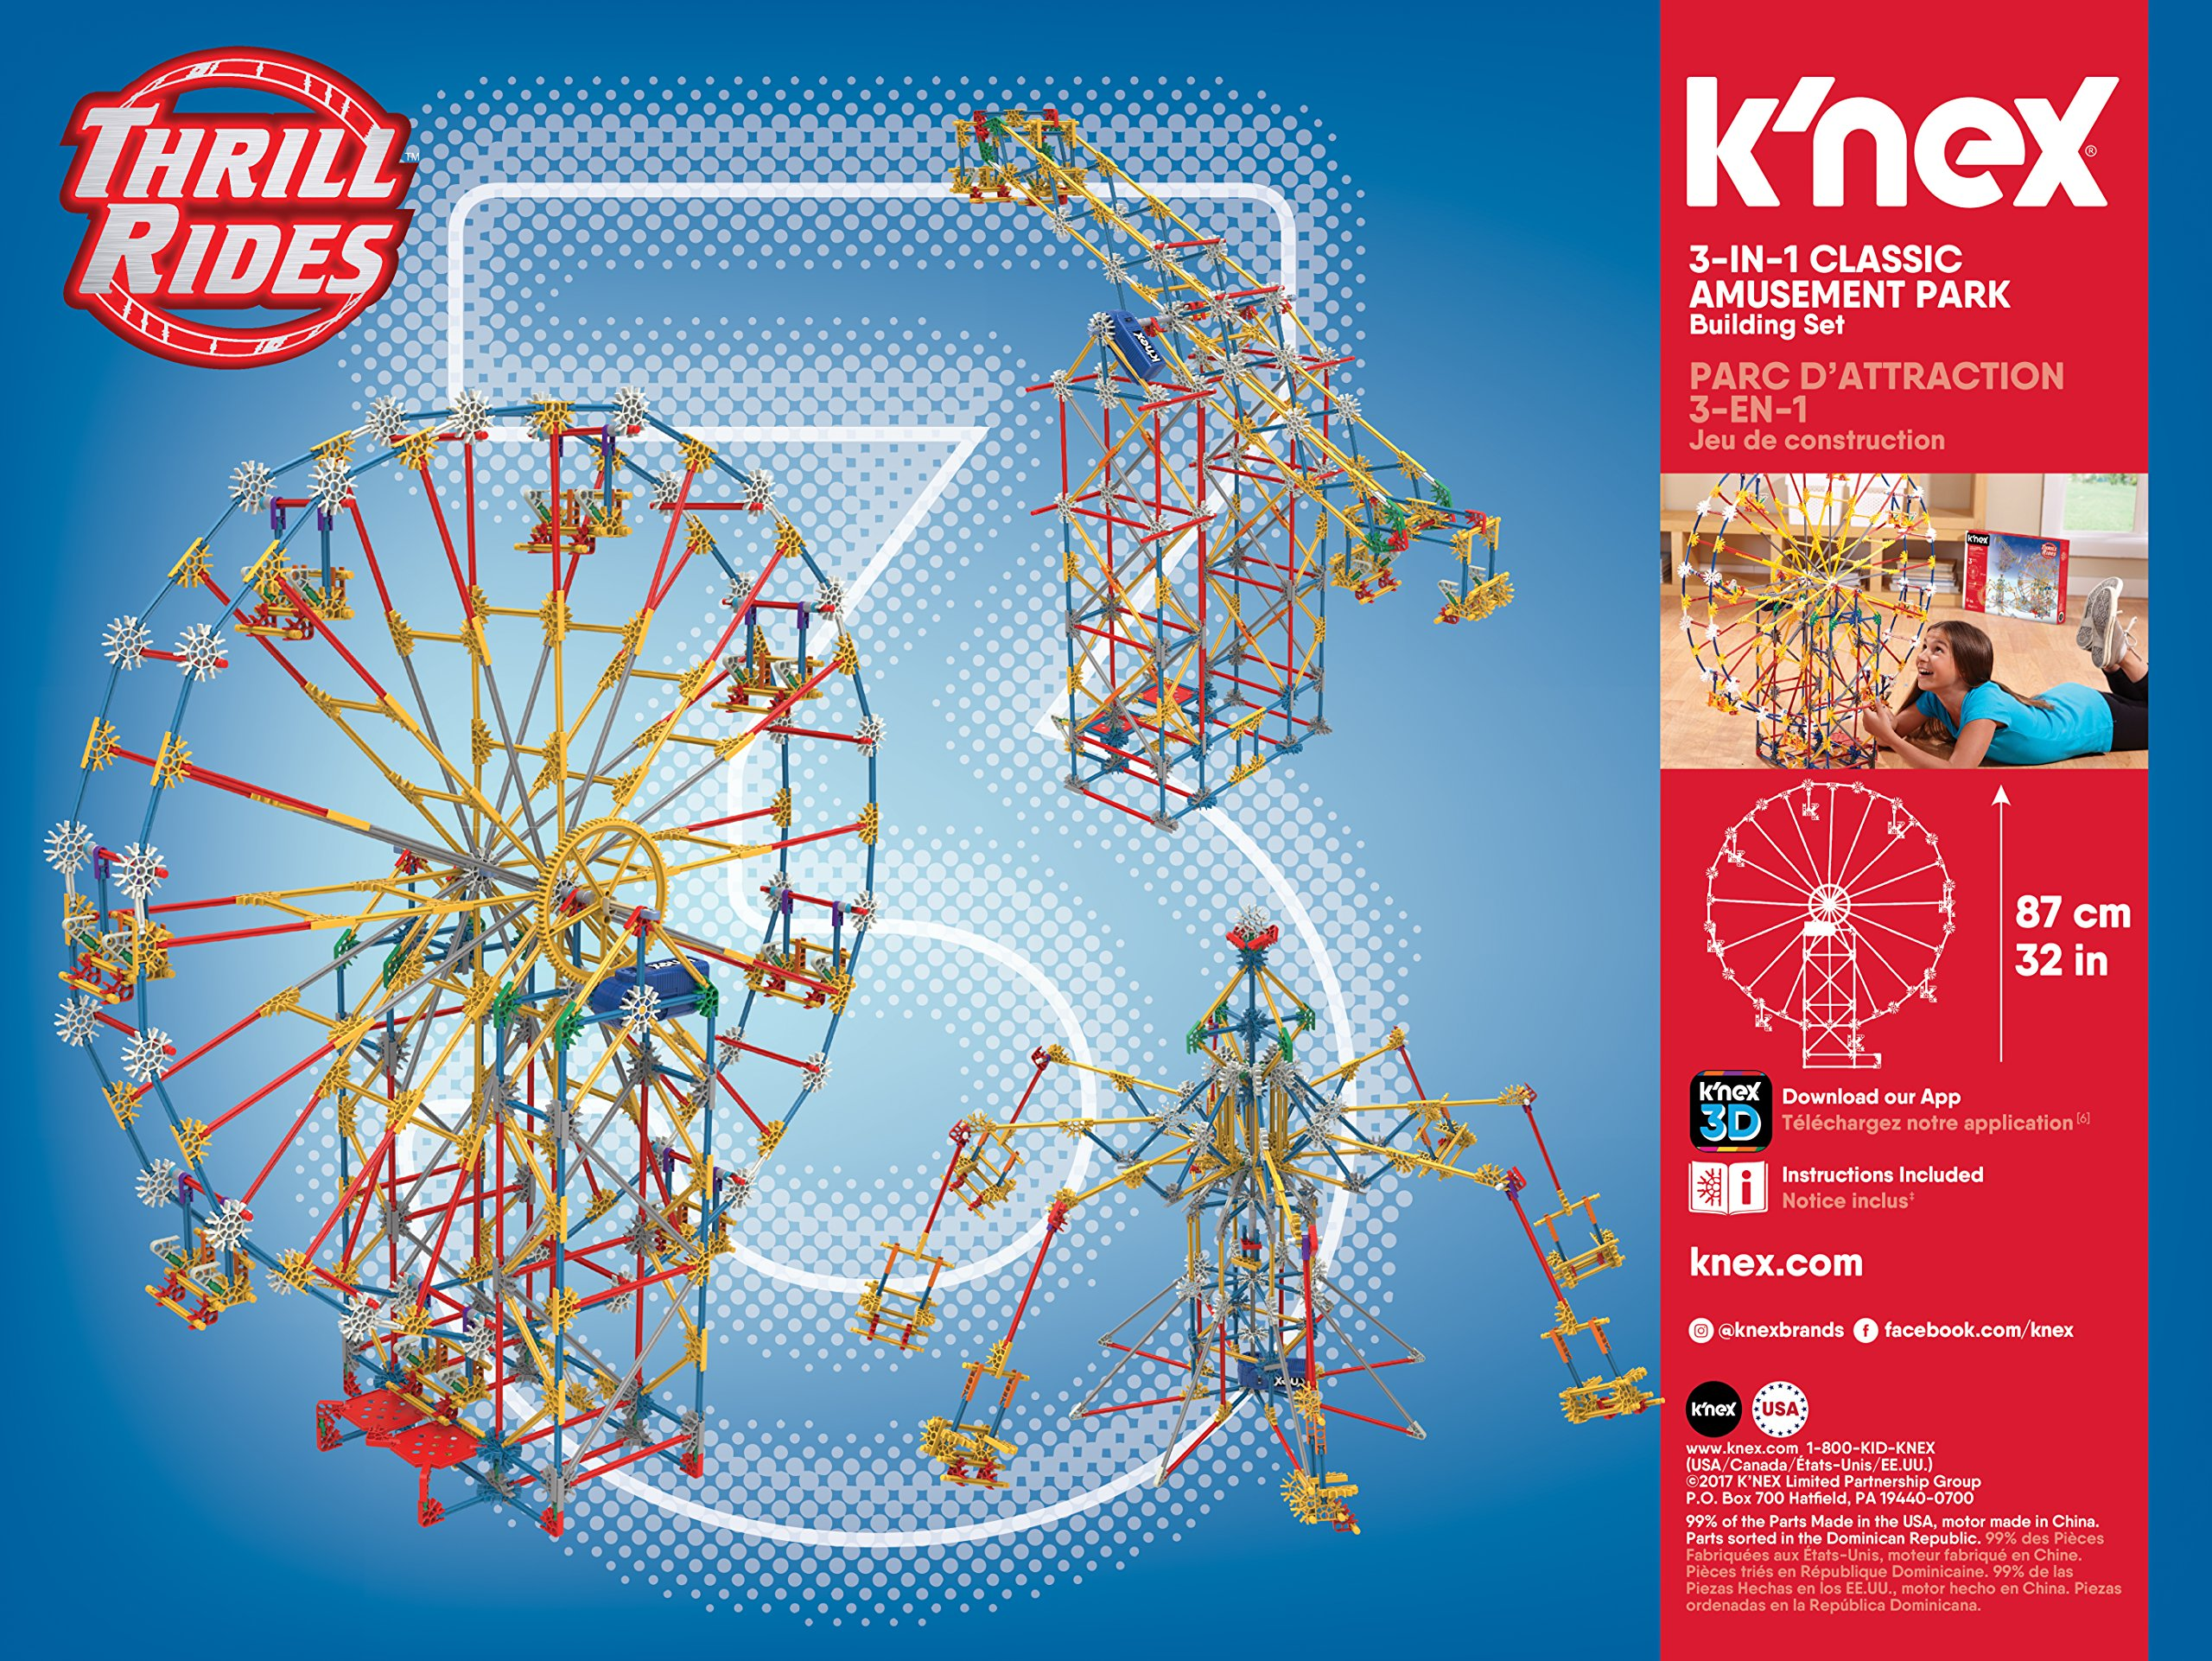 Amazon Com K Nex Thrill Rides 3 In 1 Classic Amusement Park Building Set Multicolor Toys Games